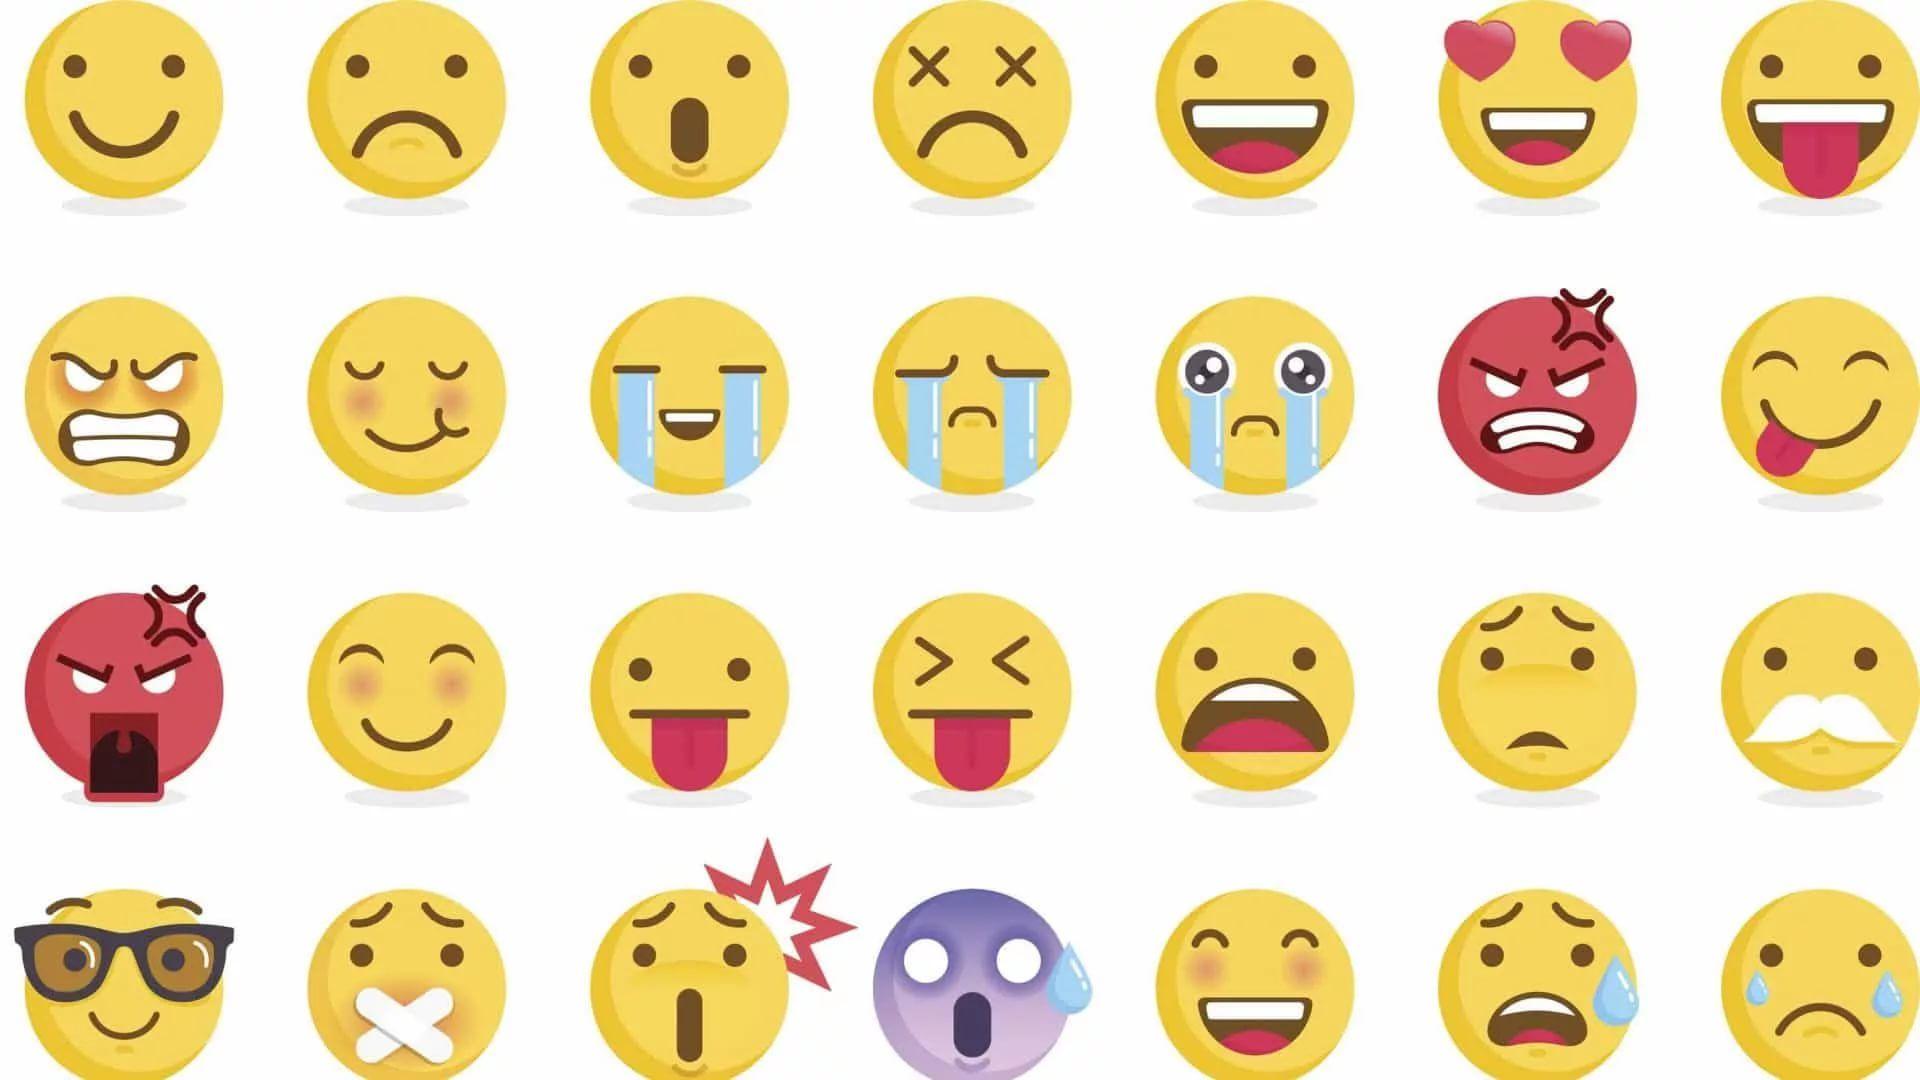 Cute Emoji Wallpaper Image